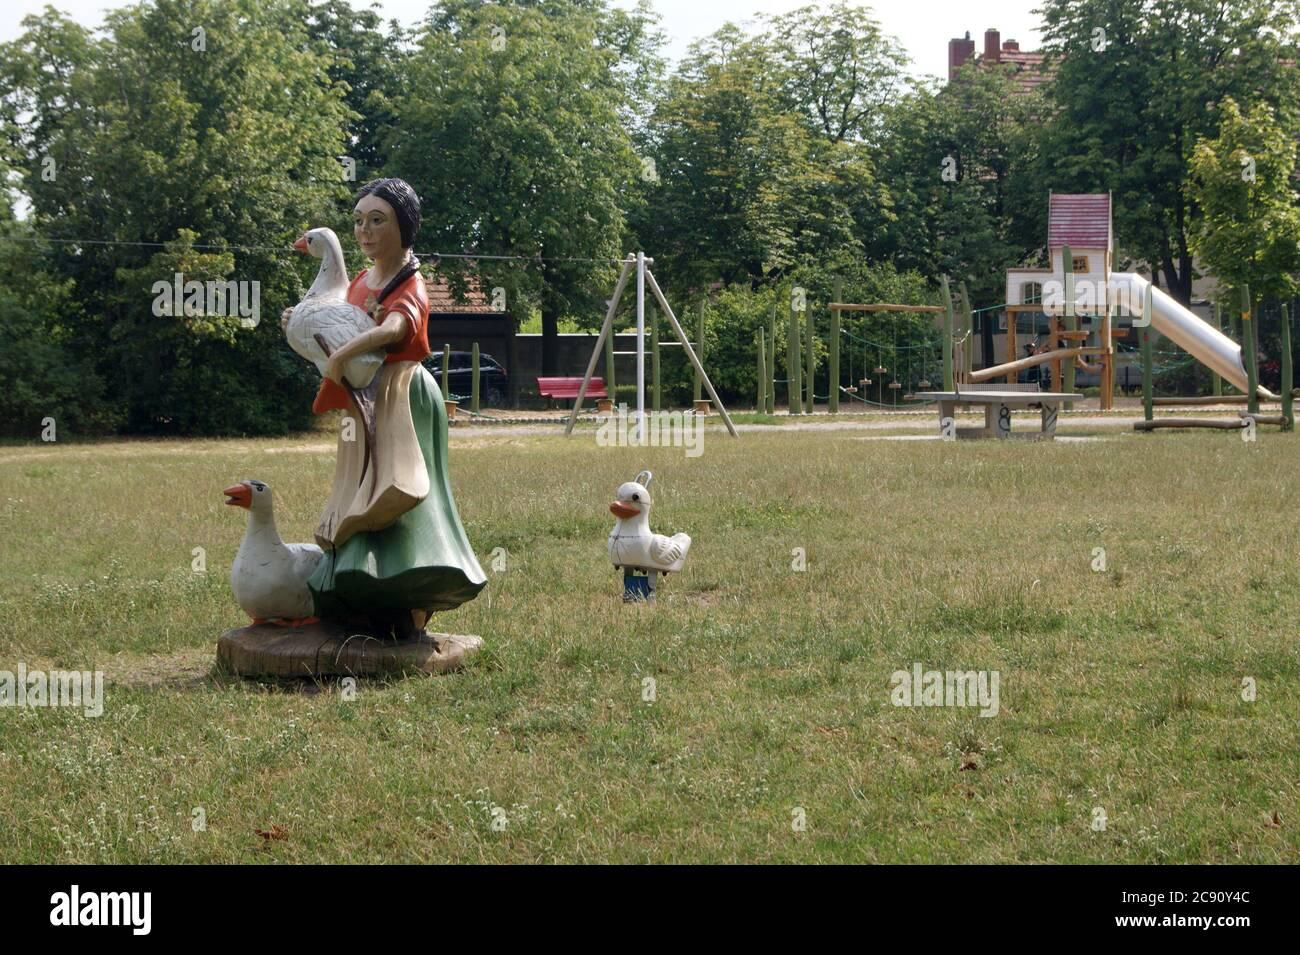 Spielplatz am Ungewitterweg in der Gartenstadt Staaken in Berlin-Spandau. Stock Photo